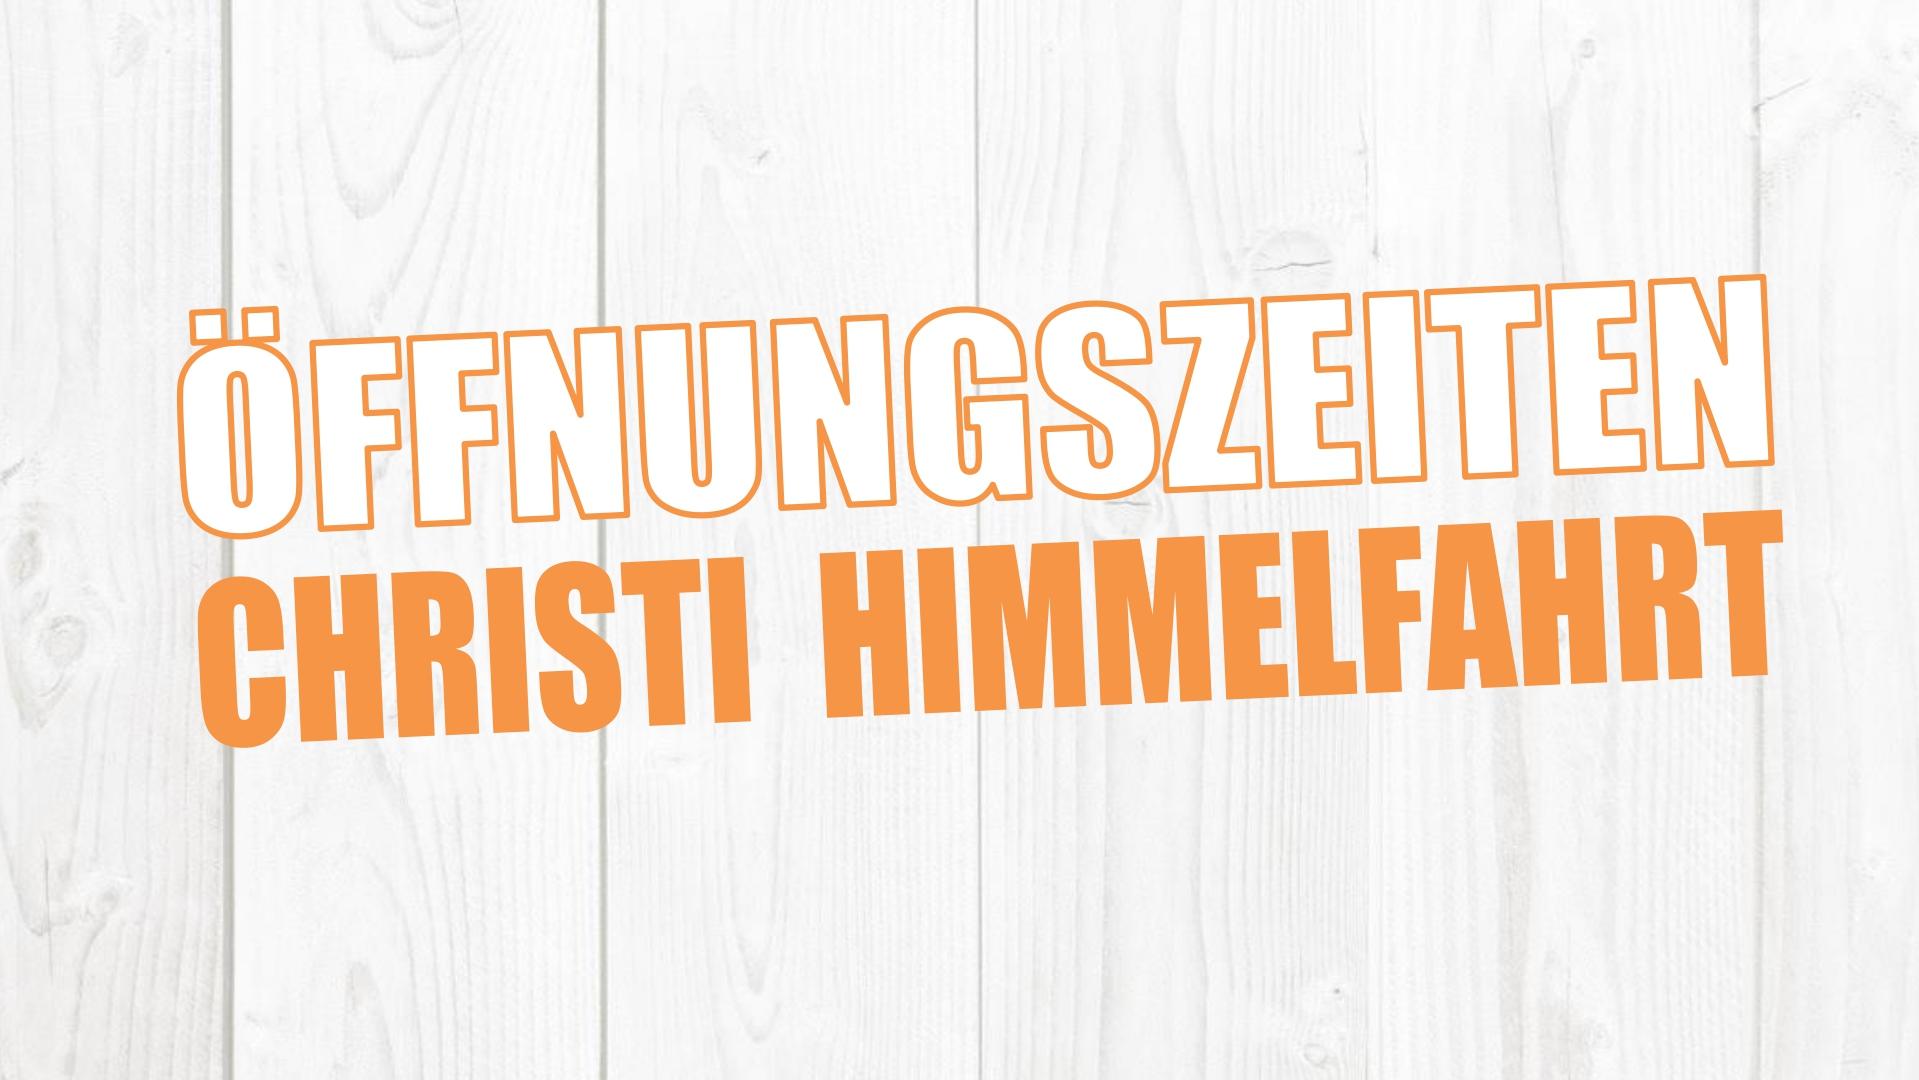 Öffnungszeiten Christi Himmelfahrt Homepage_page-0001